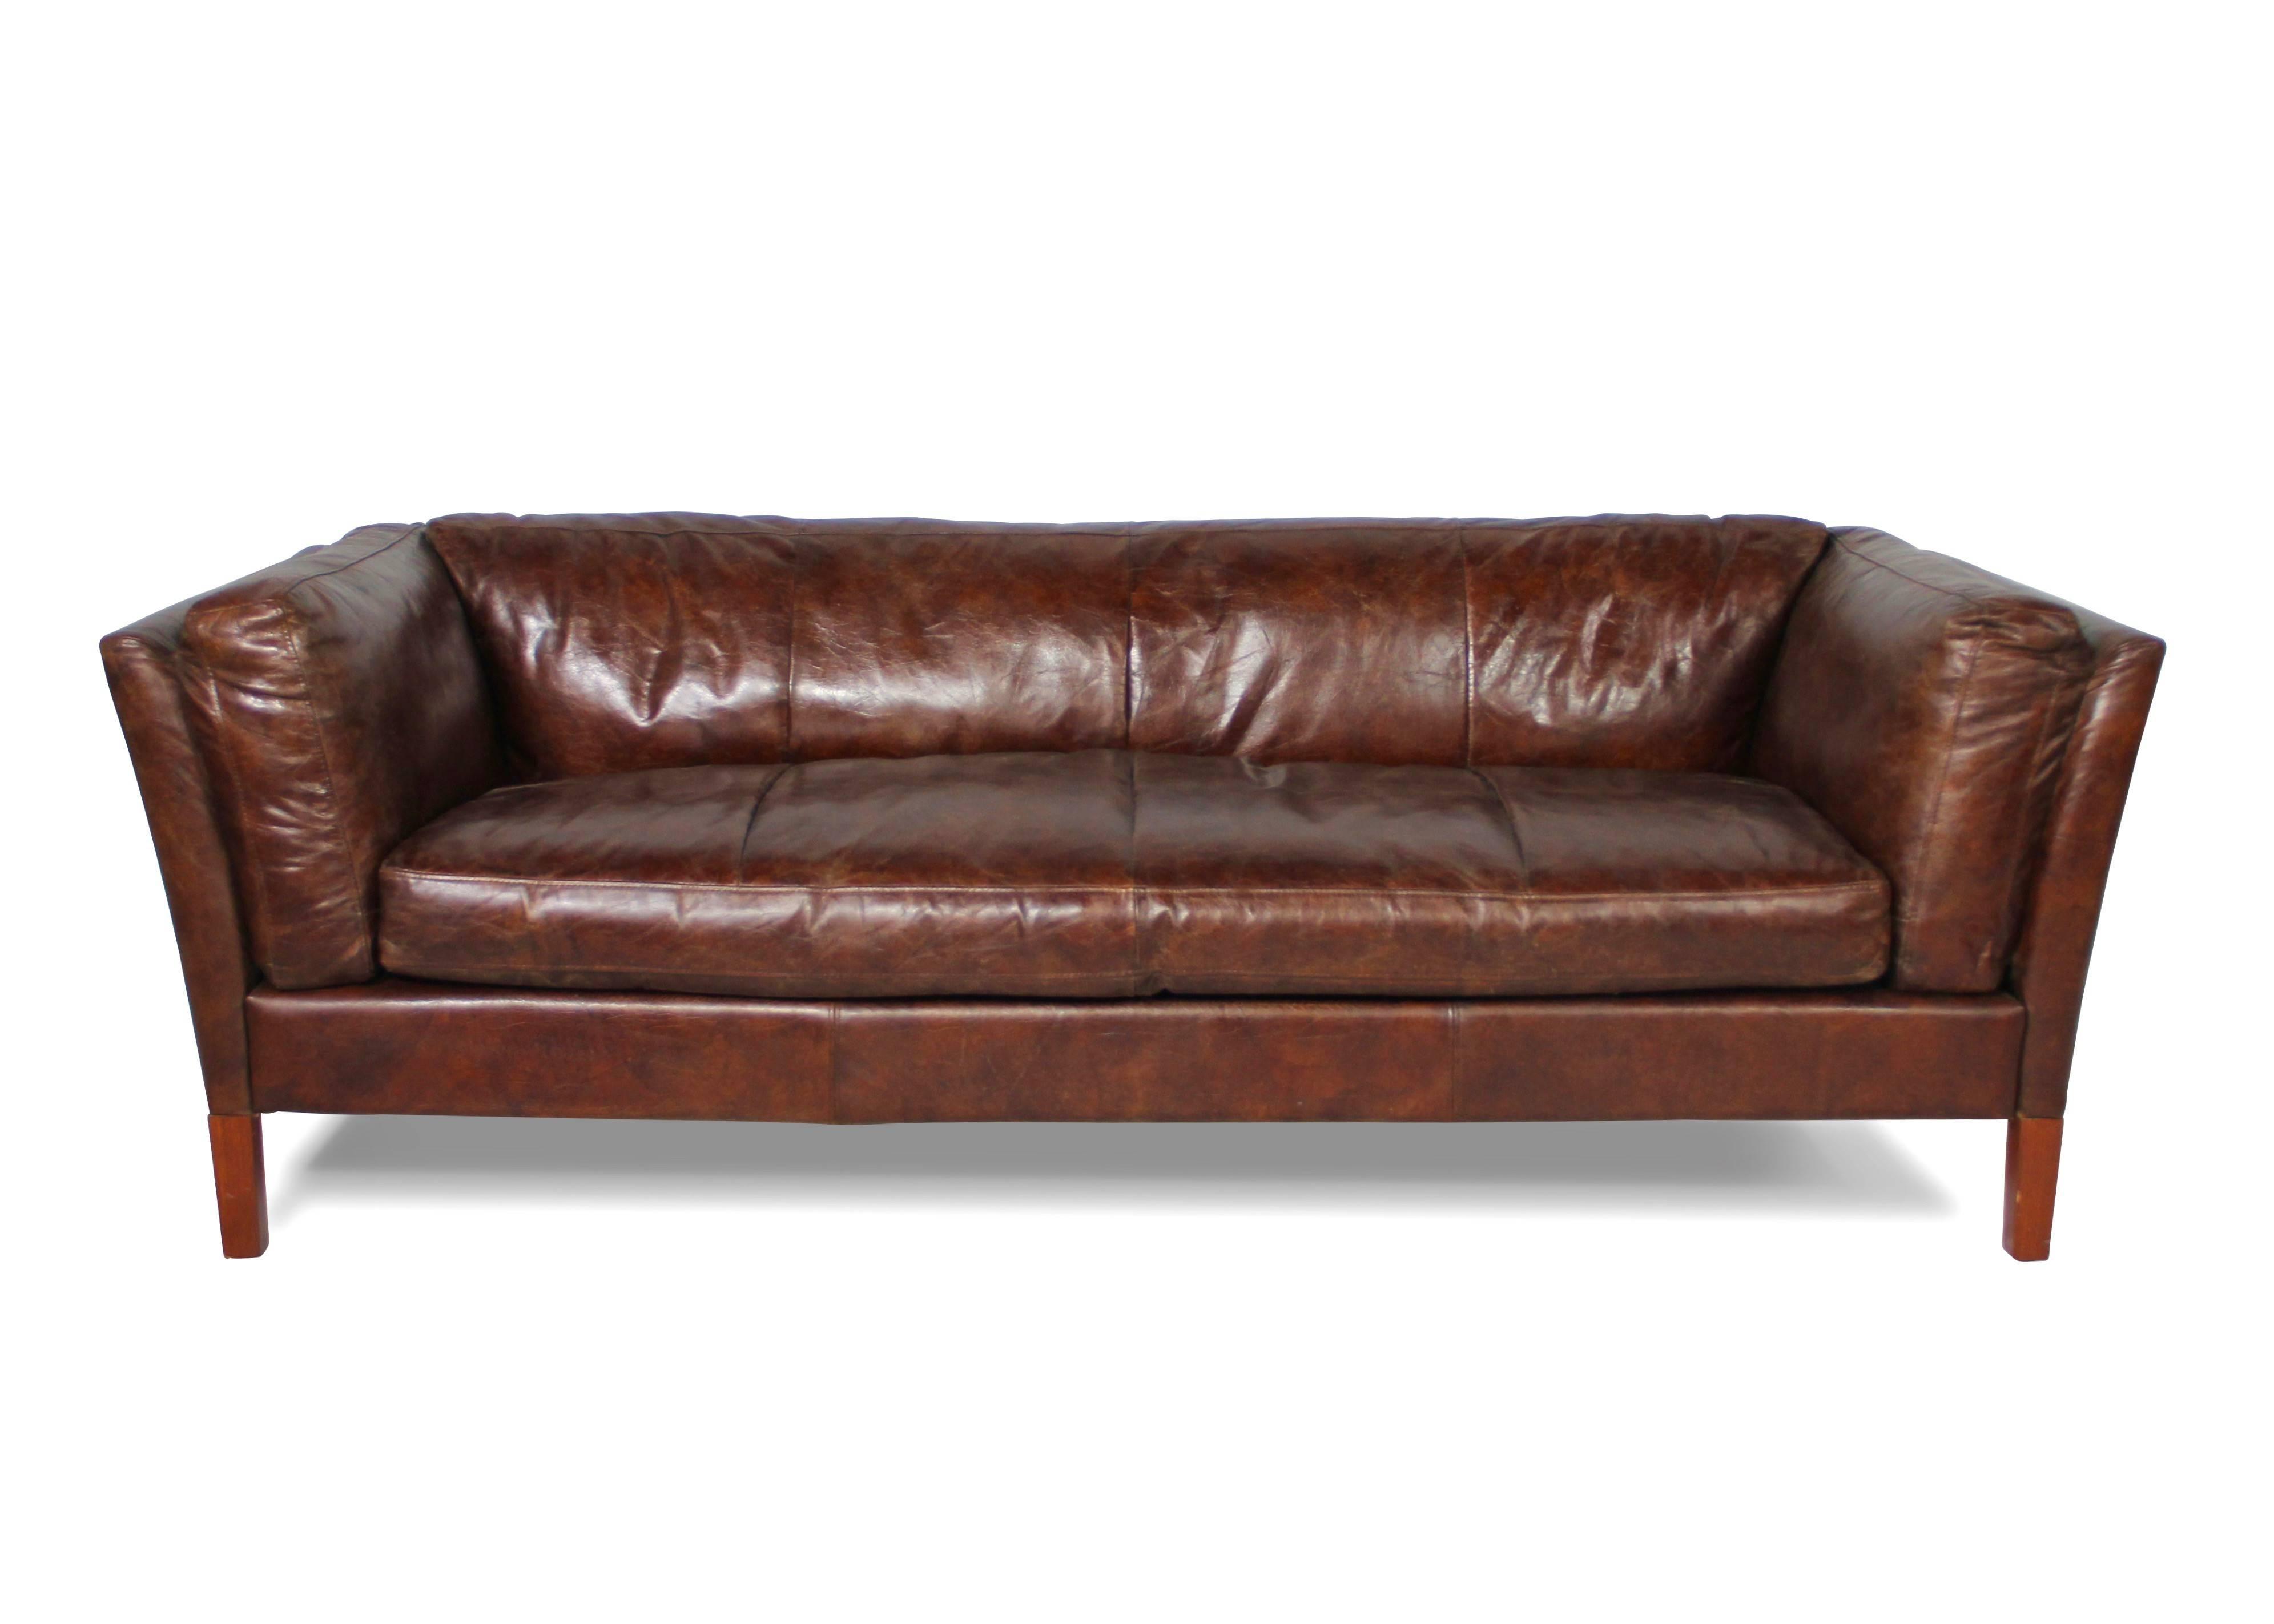 canap cuir vieilli marron vintage trois places style design. Black Bedroom Furniture Sets. Home Design Ideas